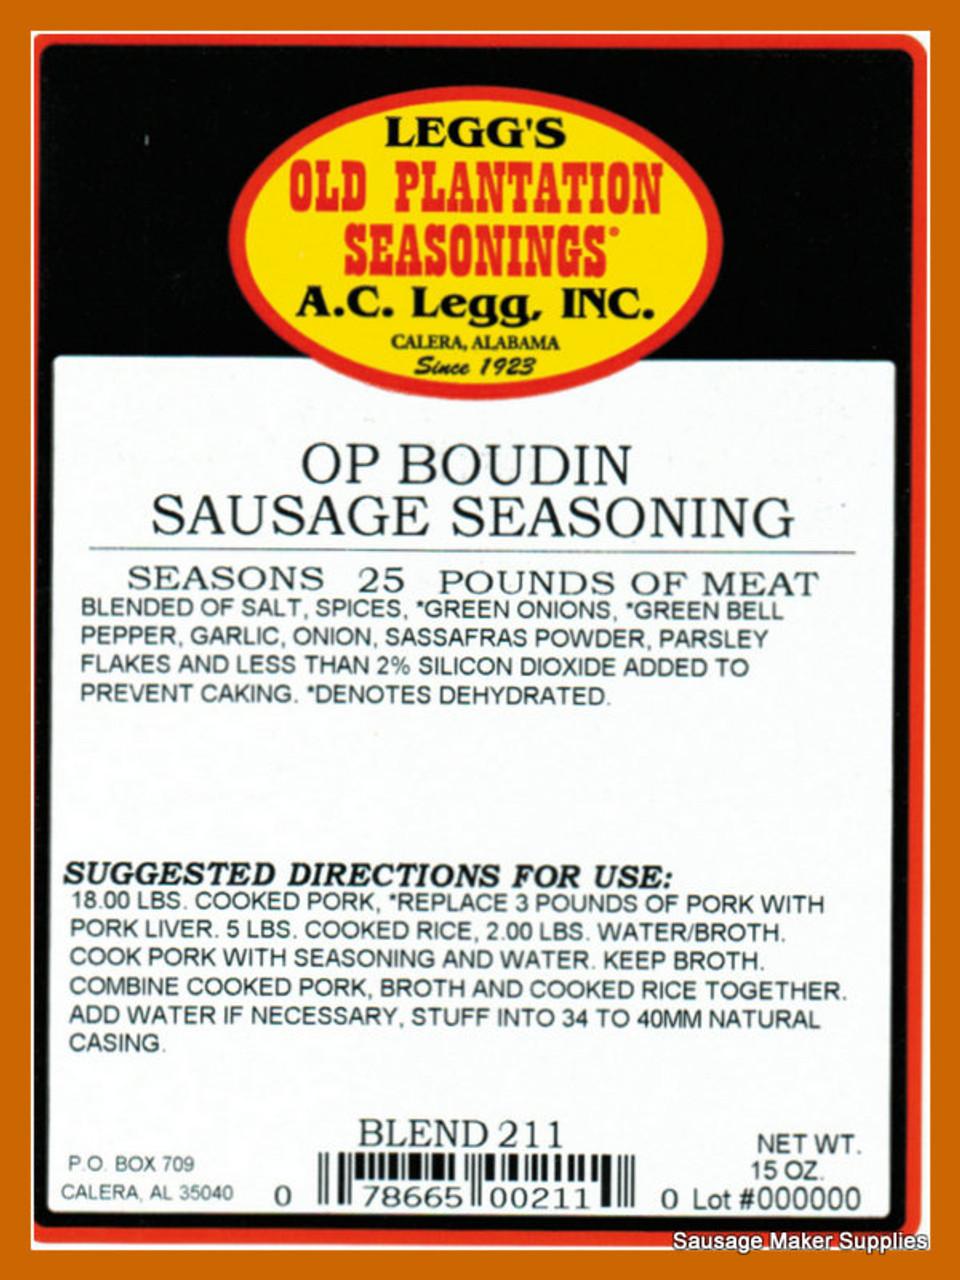 Boudin Sausage Seasoning Blend 211